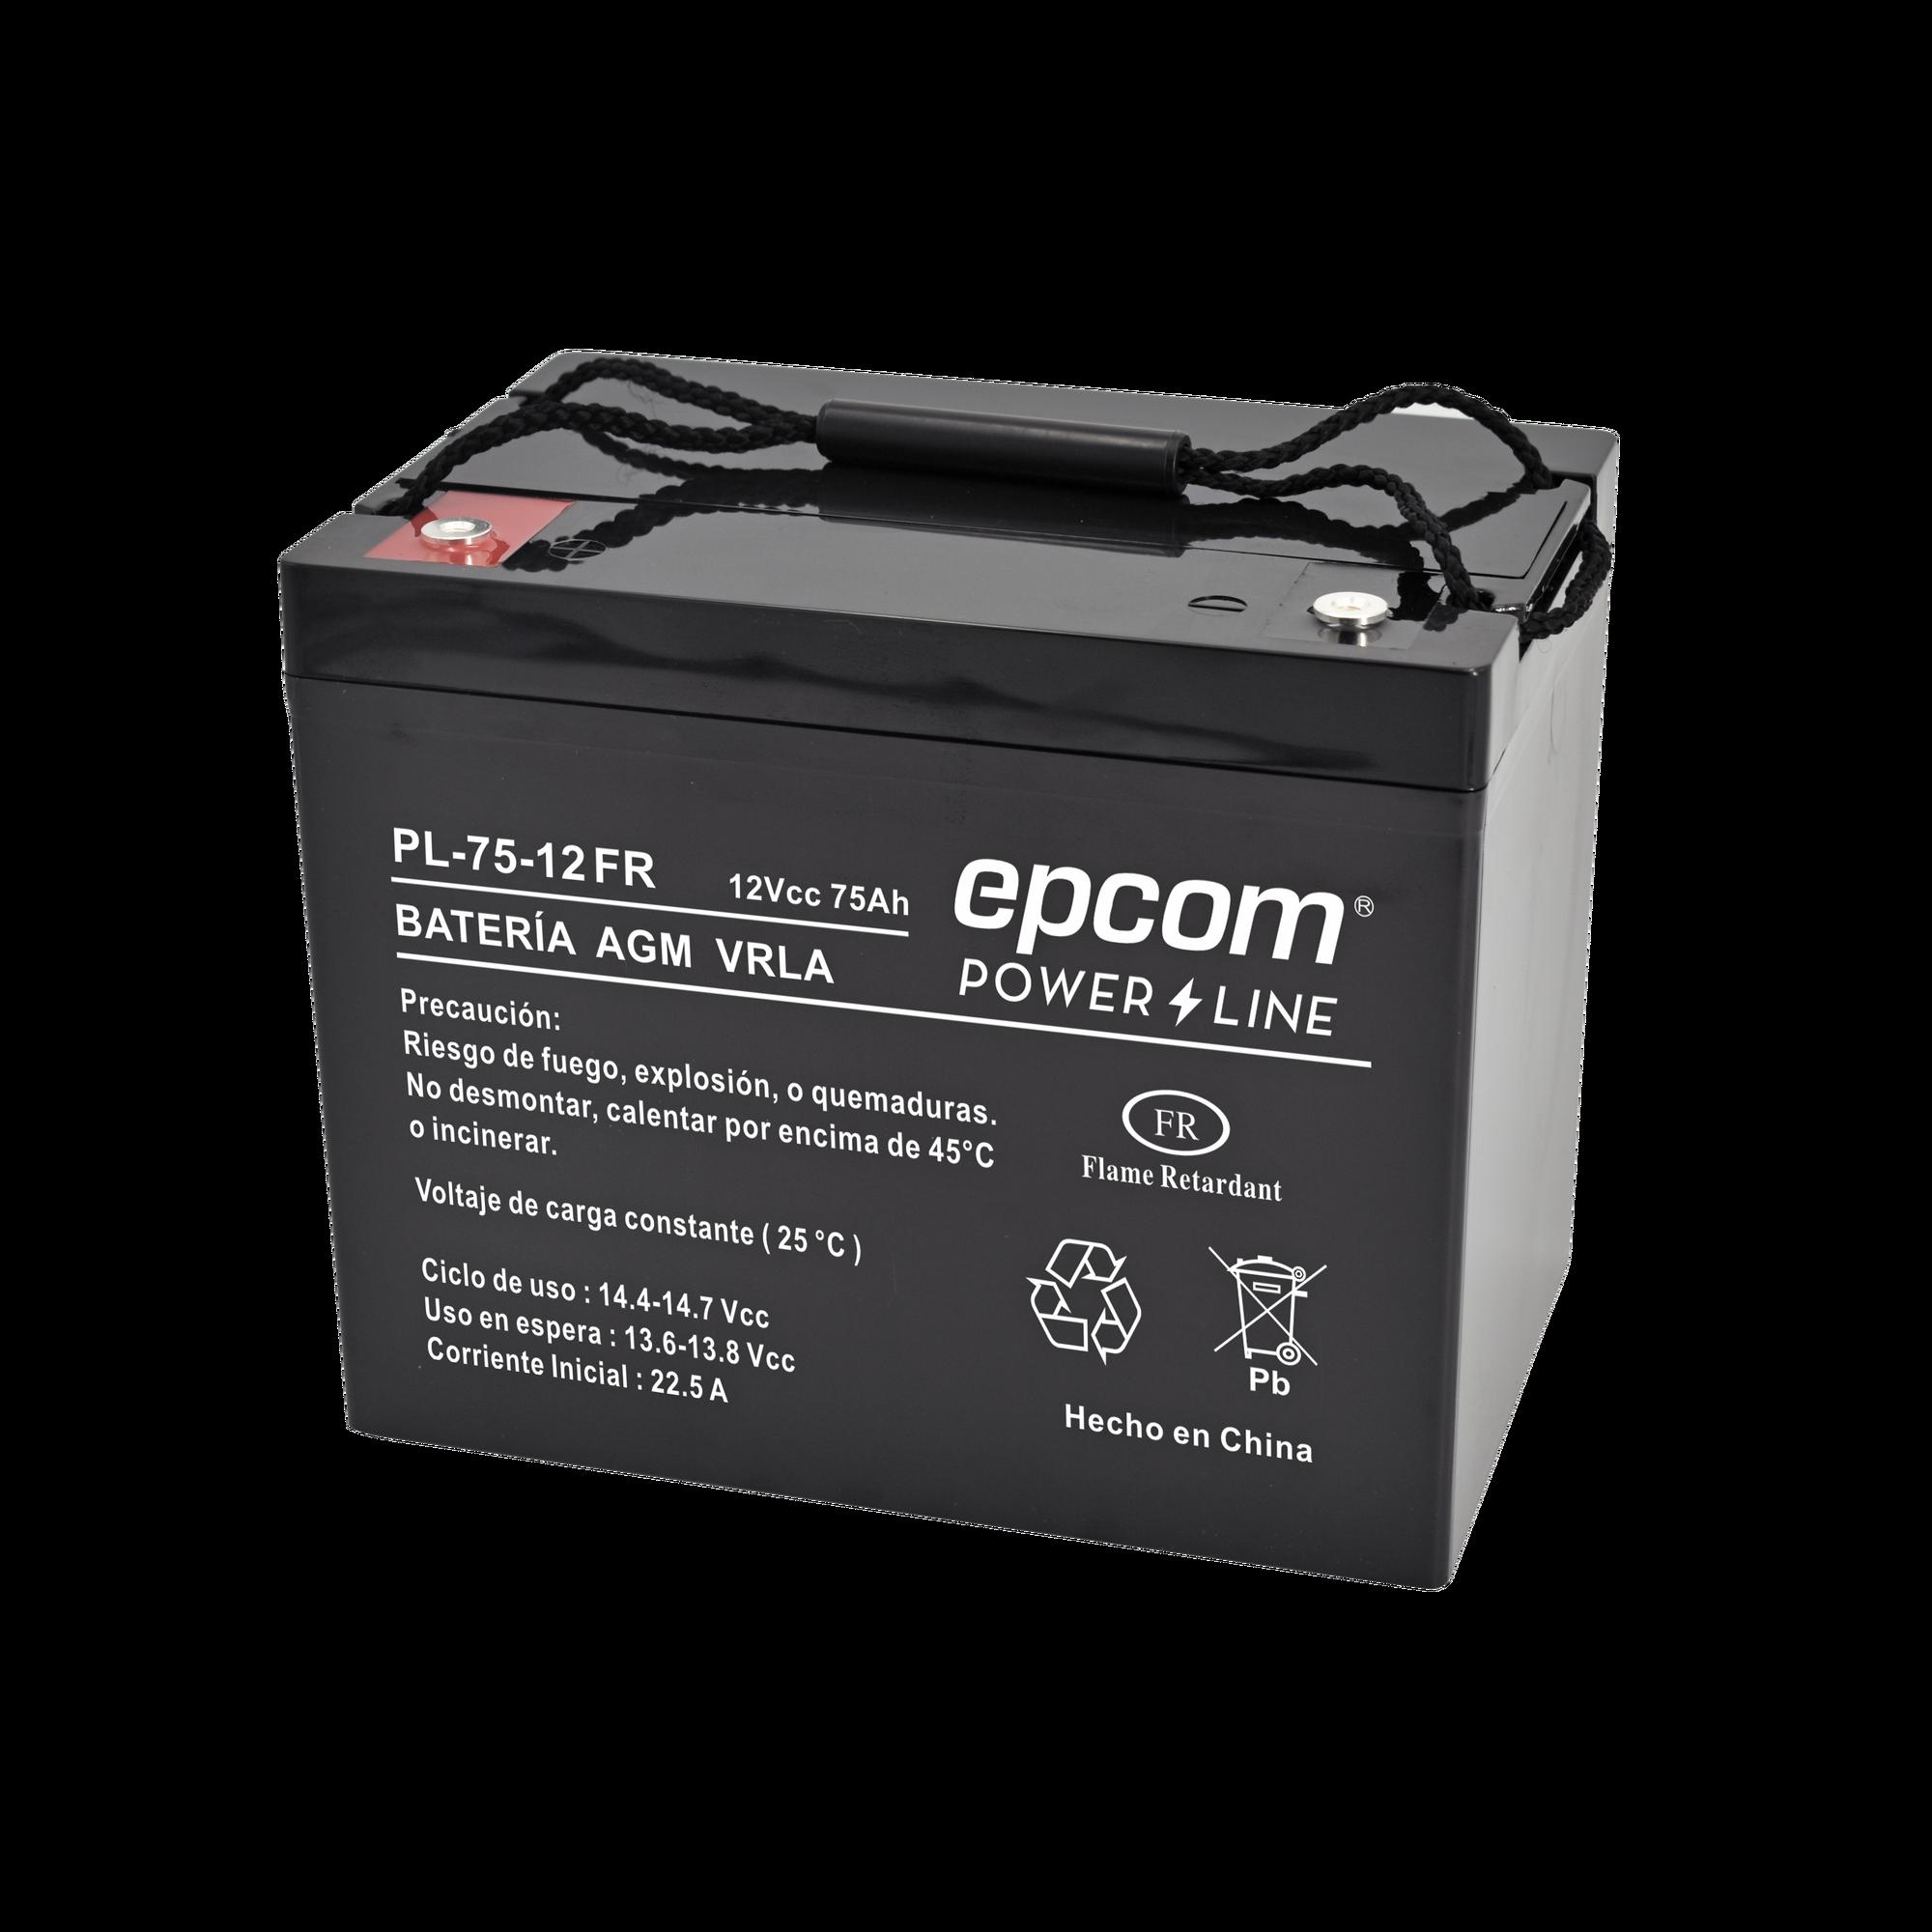 Batería de ciclo profundo AGM/VRLA 12Vcc; 75 Ah, UL, CON RETARDO A LA FLAMA